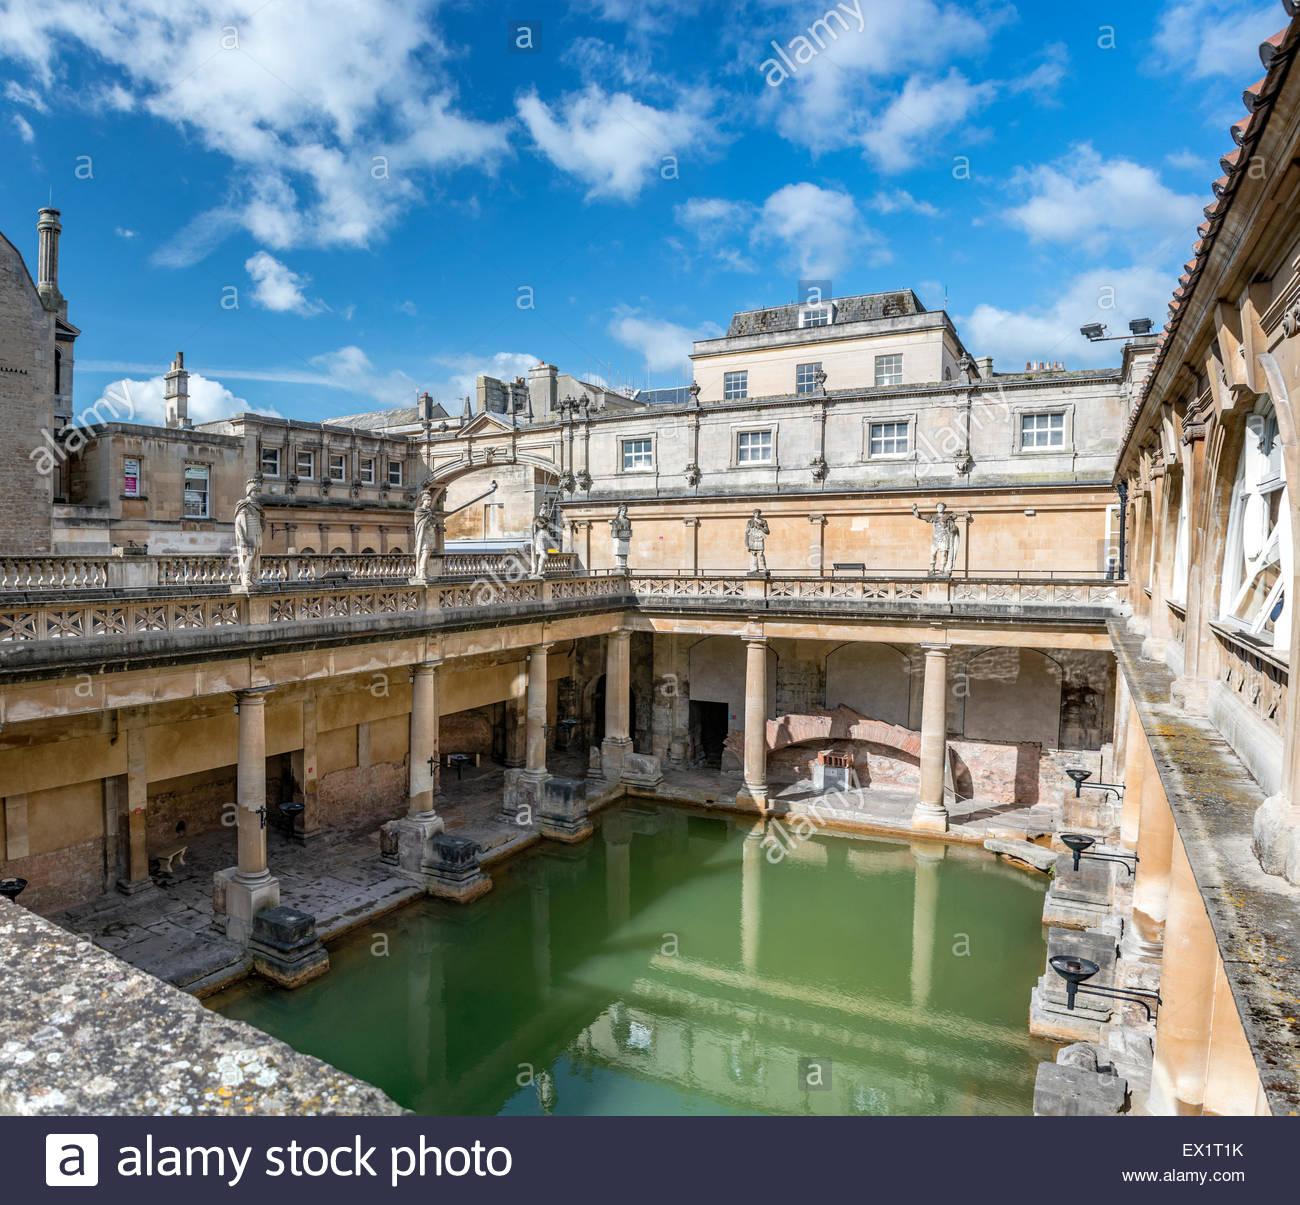 I Bagni Romani complessa, un sito di interesse storico nella città inglese di Bath, Somerset, Inghilterra. Immagini Stock